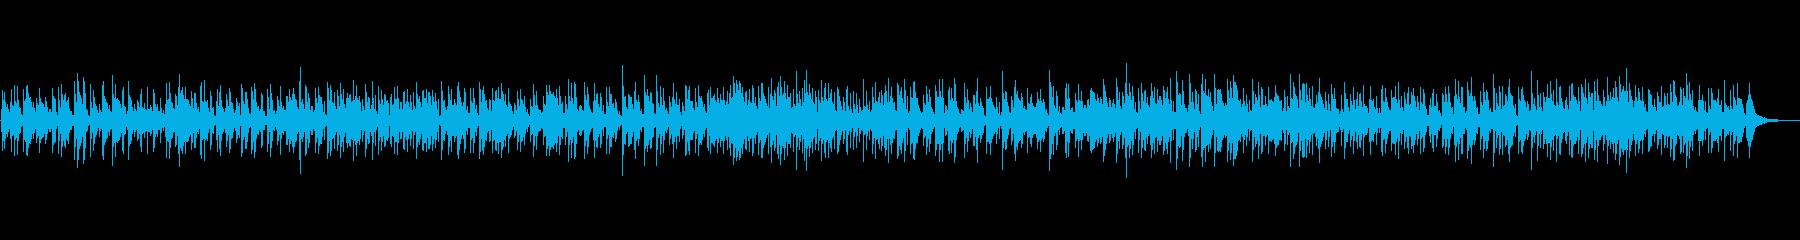 お洒落なボサノバBGMの再生済みの波形